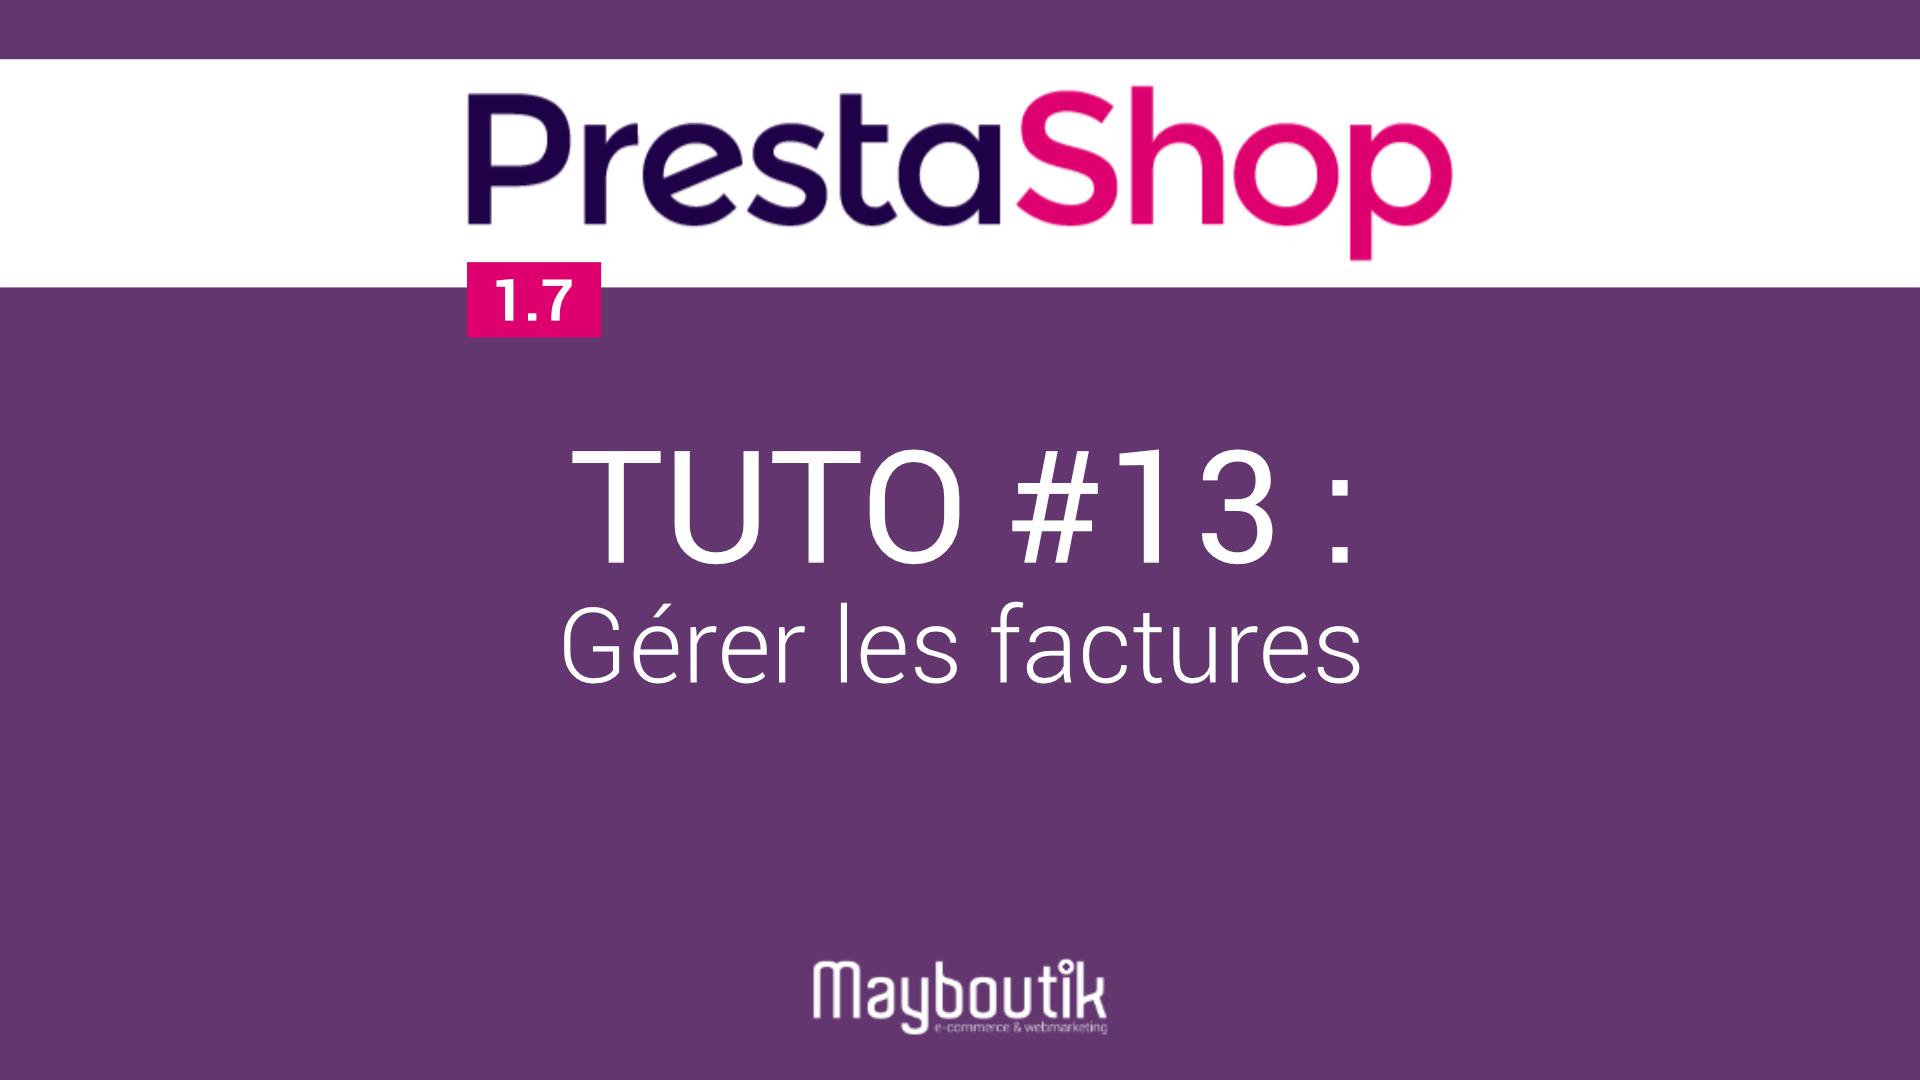 gerer-factures-prestashop-1-7